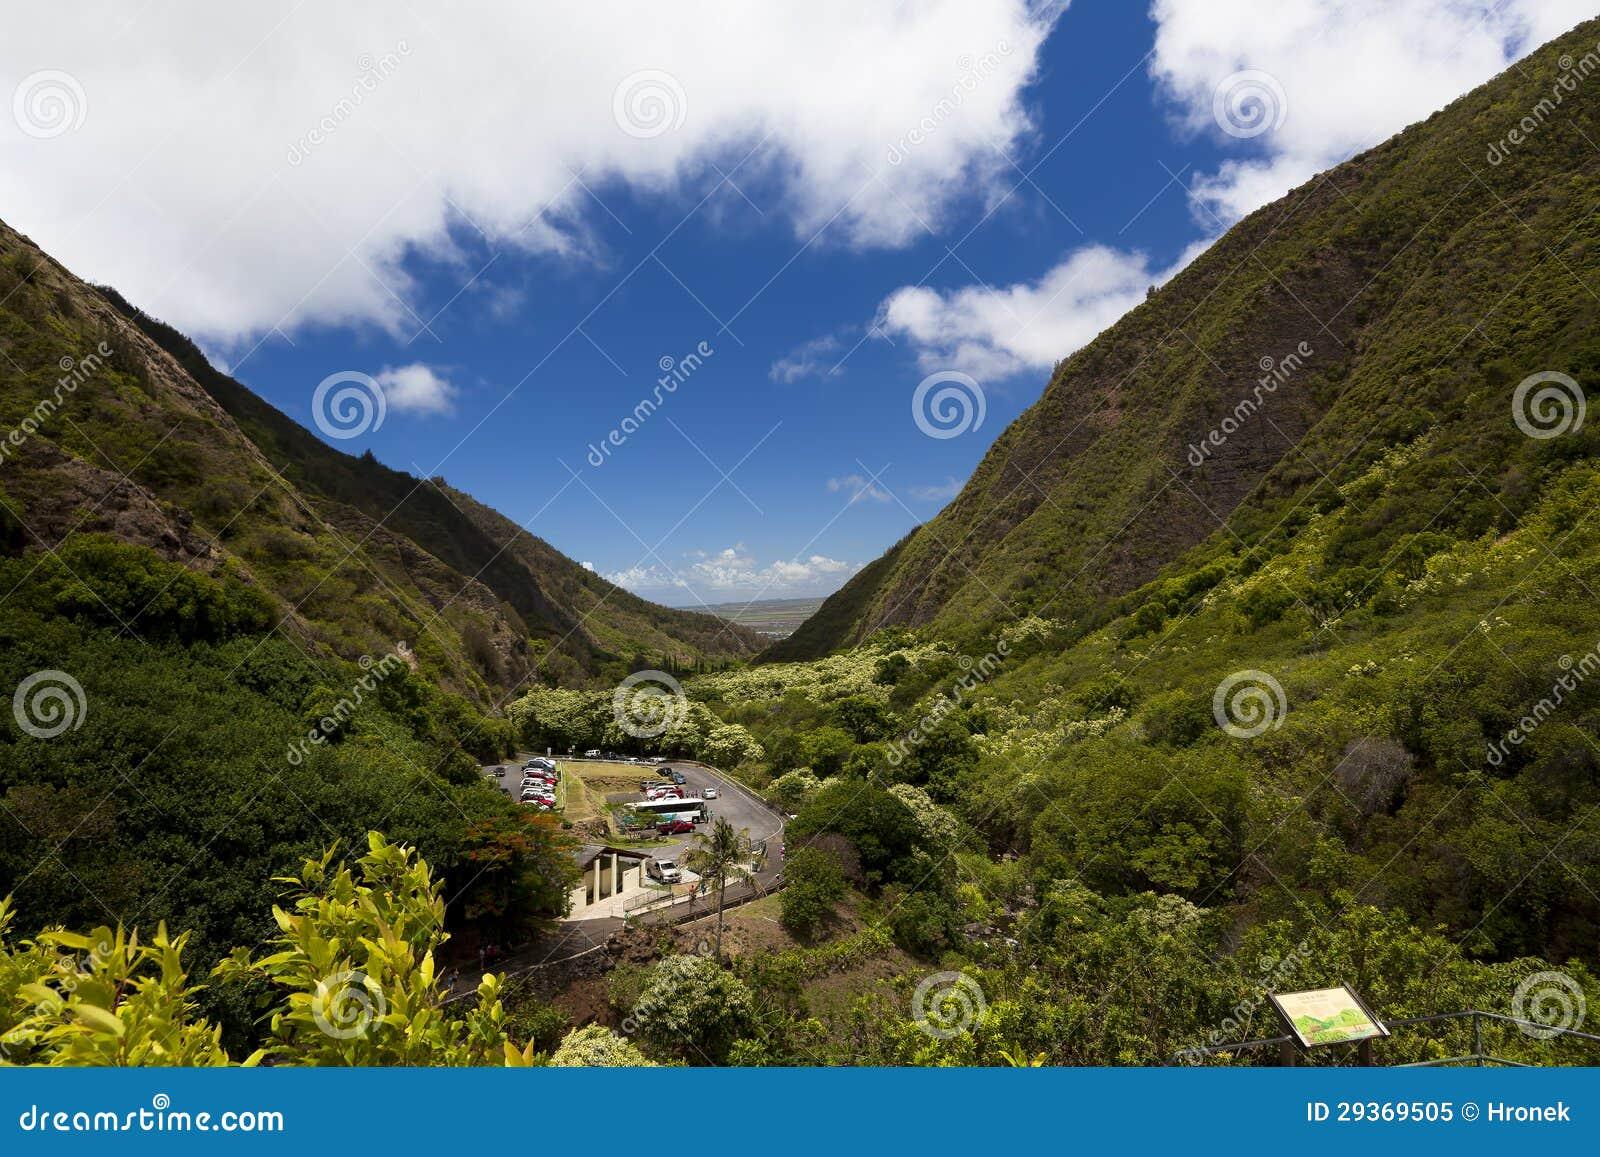 Iao Needle State Park In Maui, Wailuku Stock Image - Image ... Wailuku